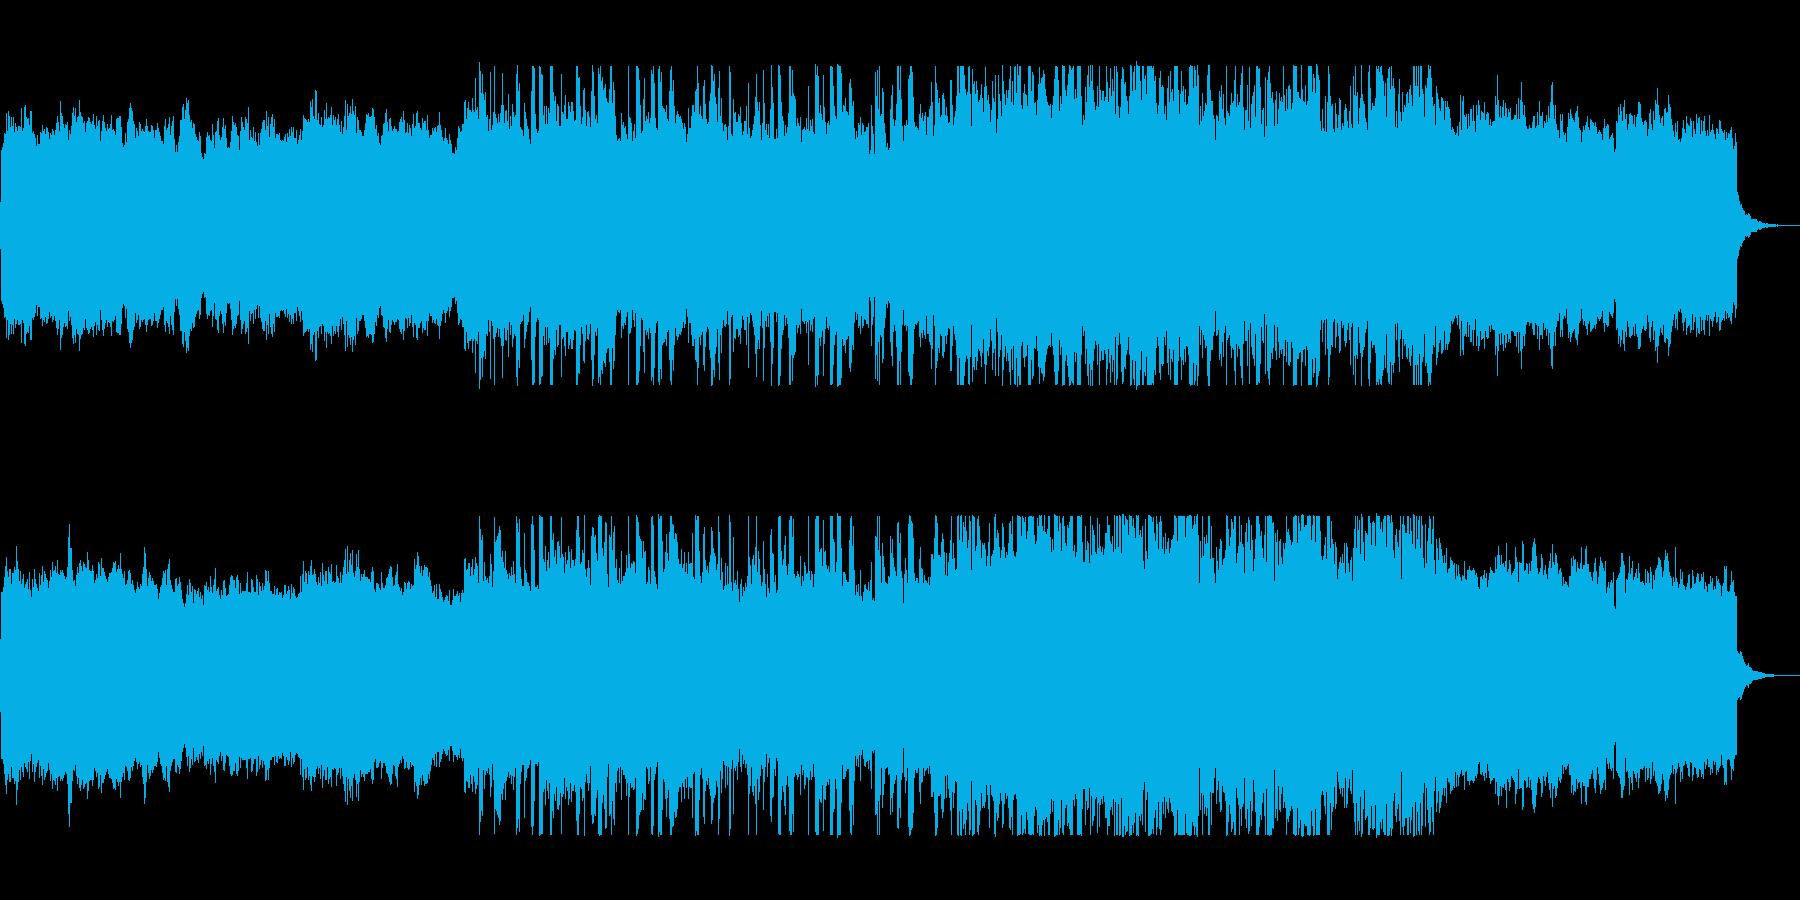 緩やかで幻想的なポップピアノサウンドの再生済みの波形